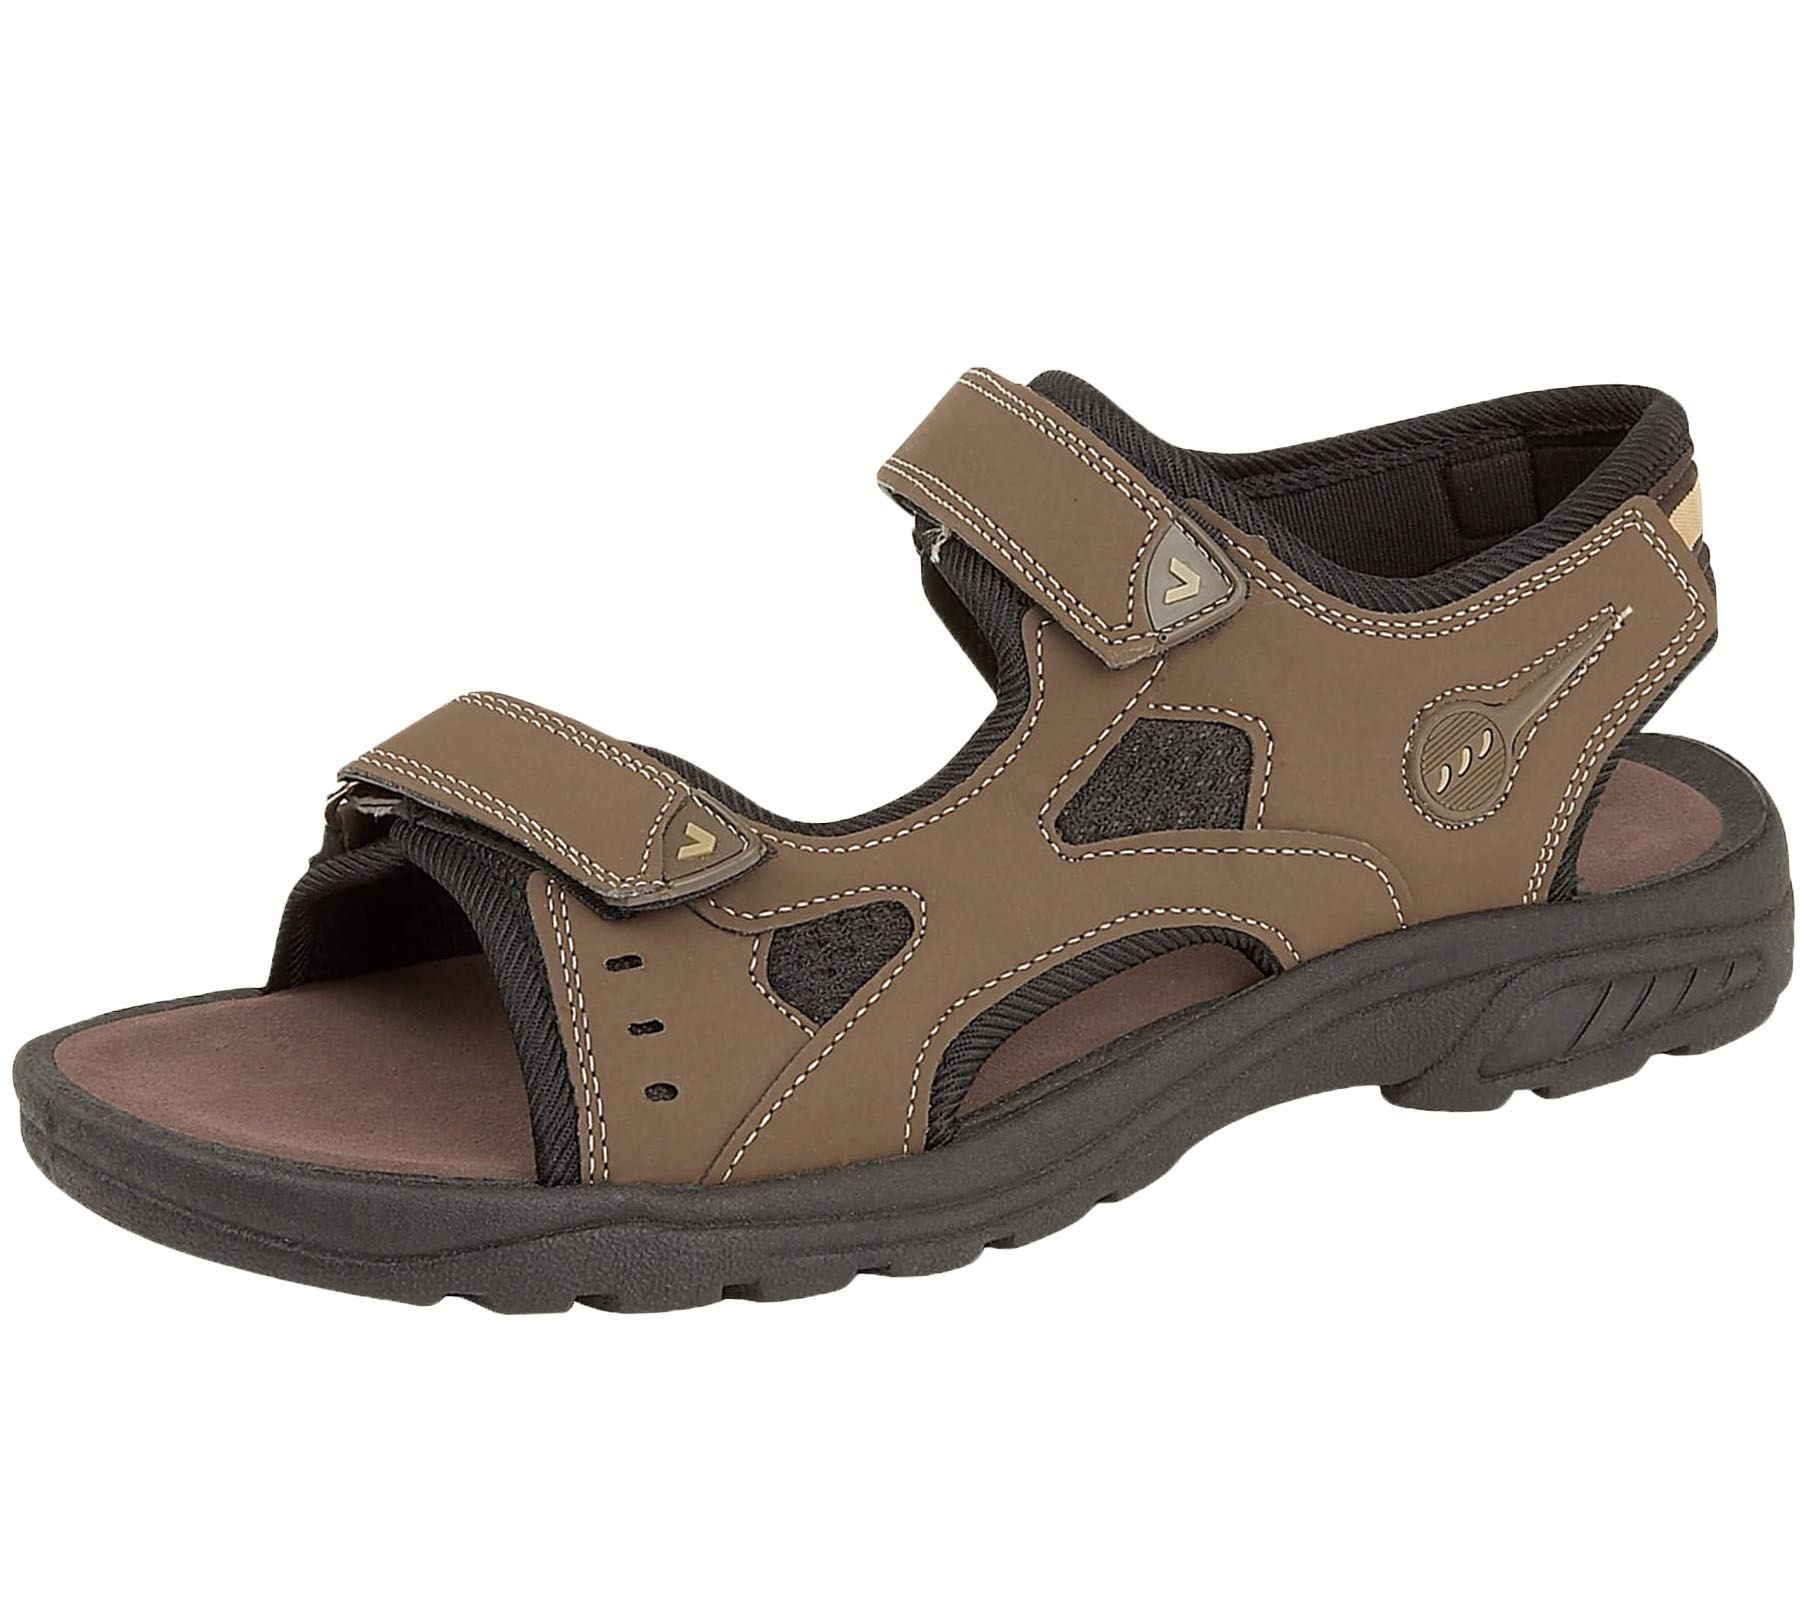 Mens-Sandals-Summer-Beach-Casual-Syenthatic-Sandals miniatura 9